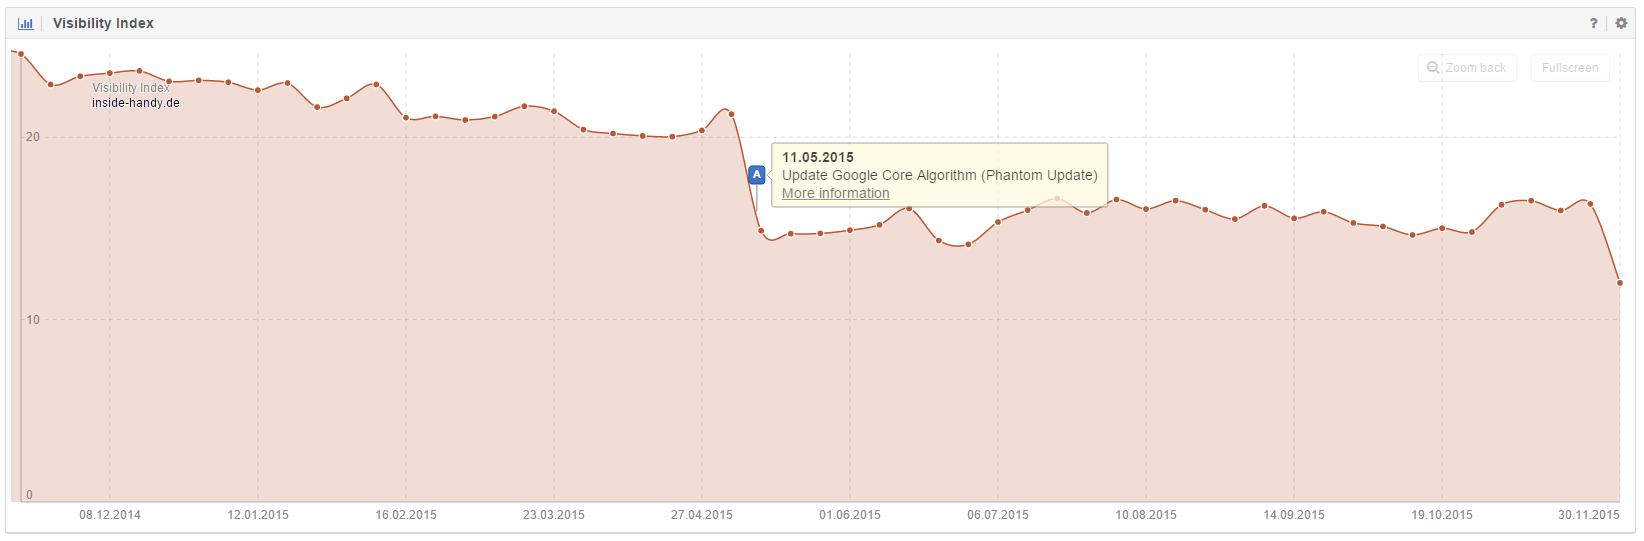 Domain inside-handy.de abermals in der Sichtbarkeit gesunken